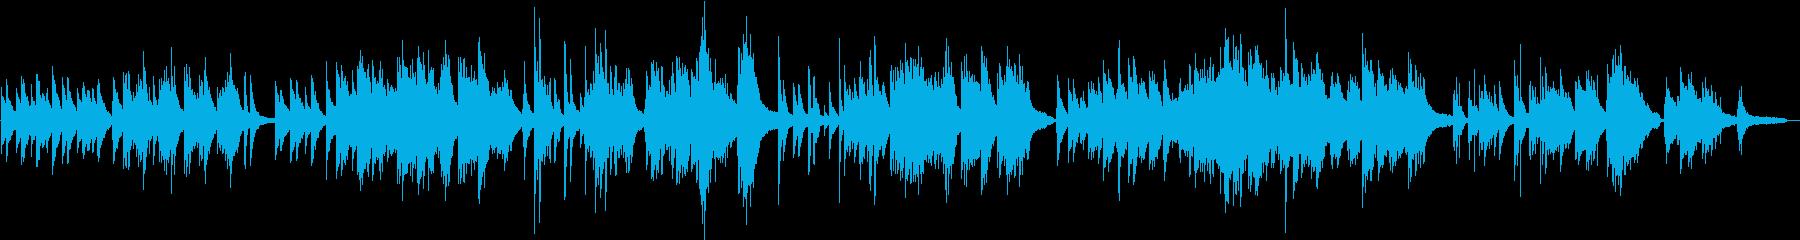 憂いのあるピアノソロの再生済みの波形